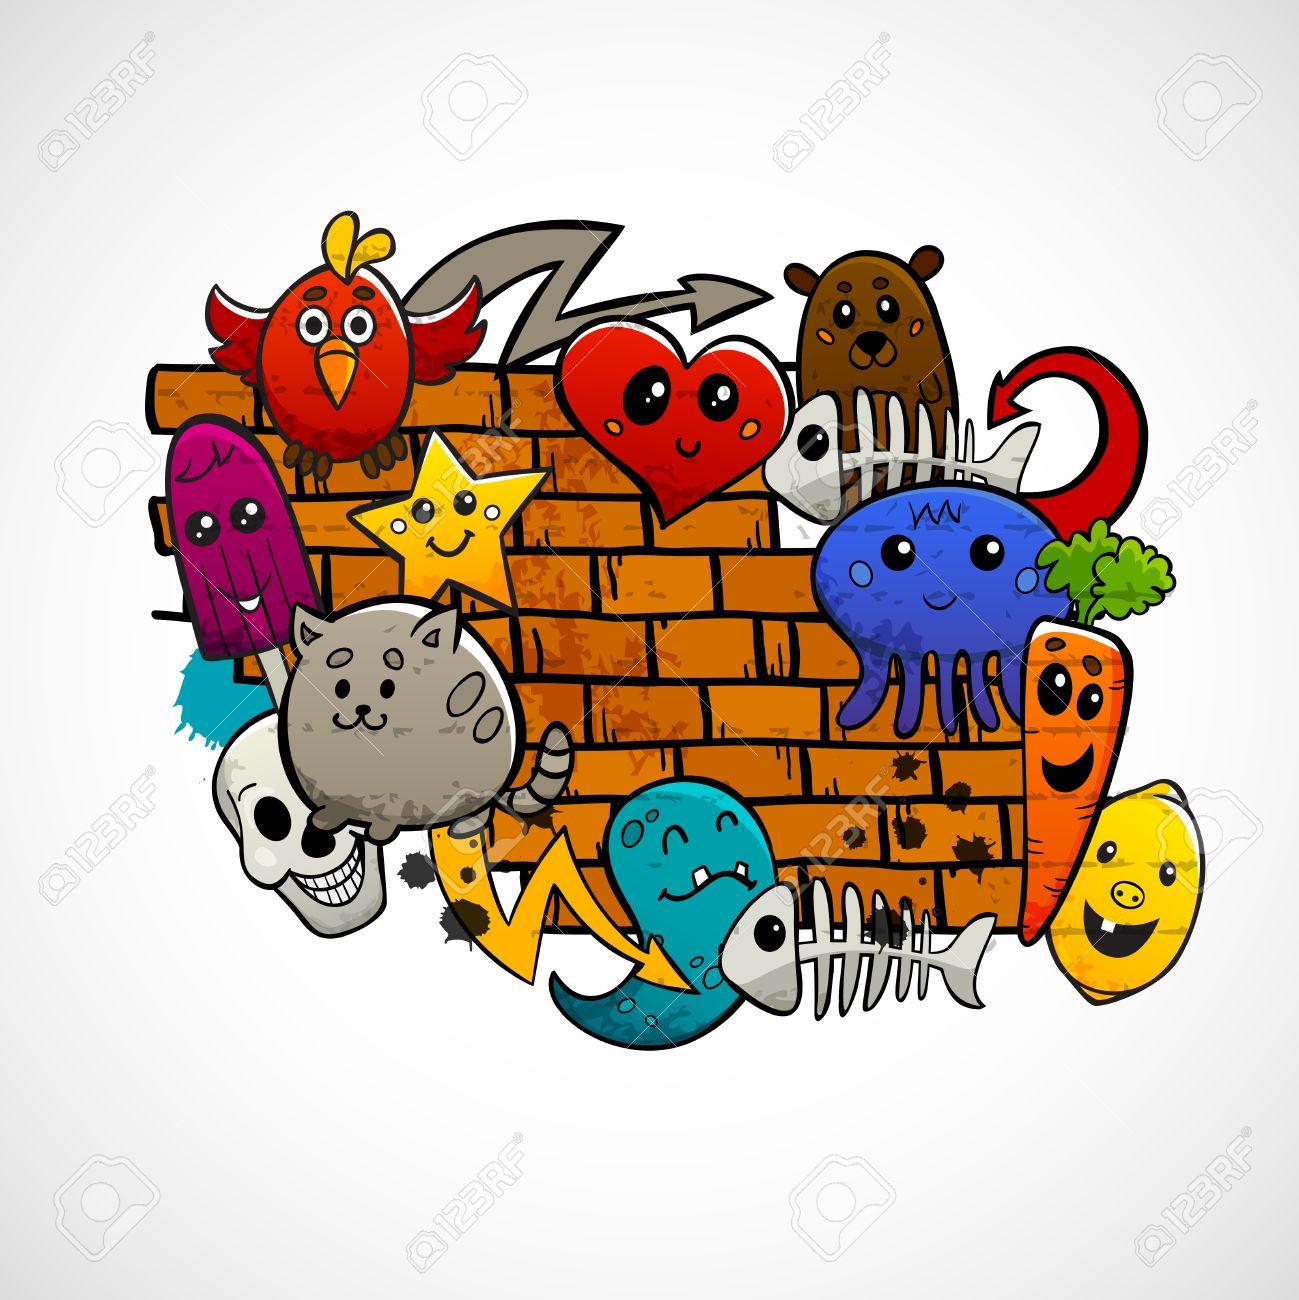 graffiti dibujos animados Graffiti animales de dibujos animados frutas y personajes abstractas alrededor de la